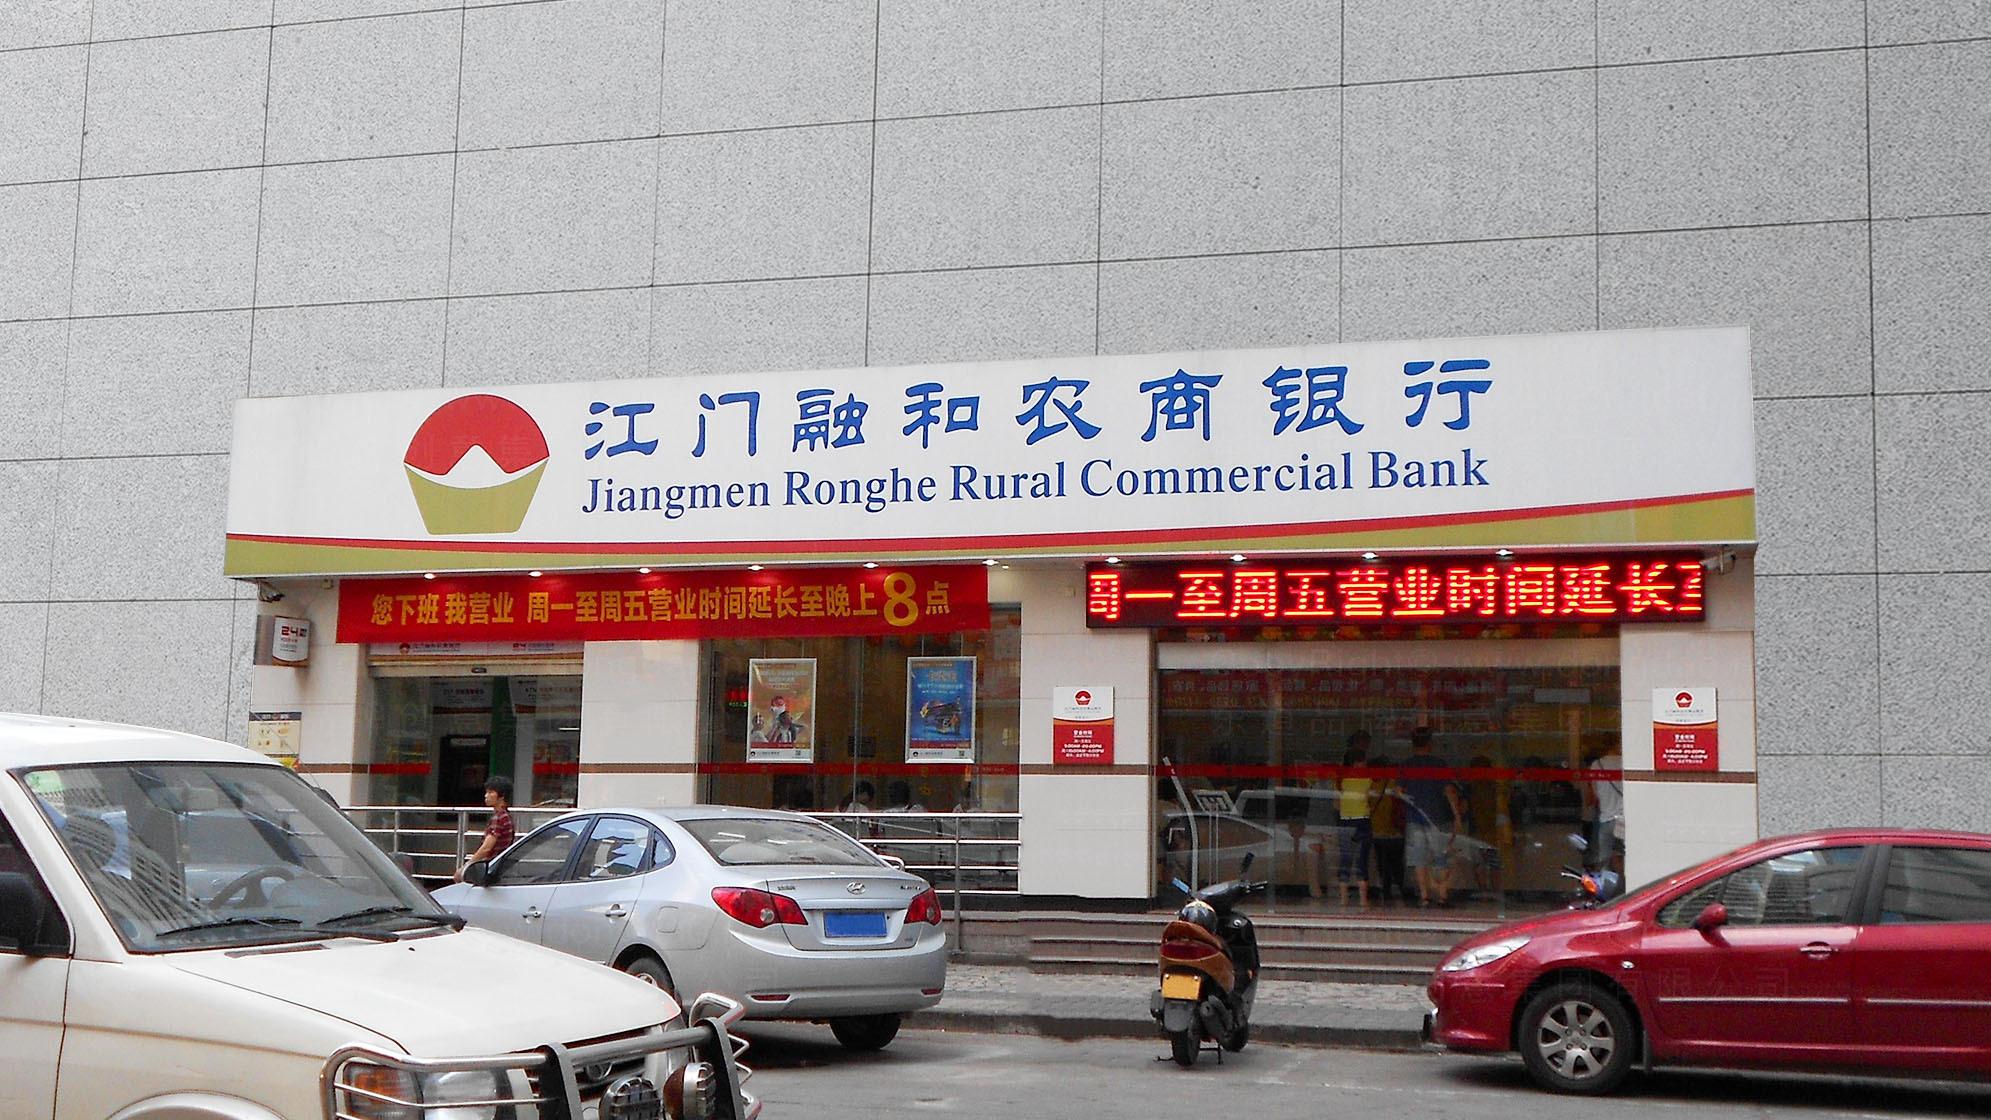 银行金融落地工程江门农商银行金融类环境空间制作